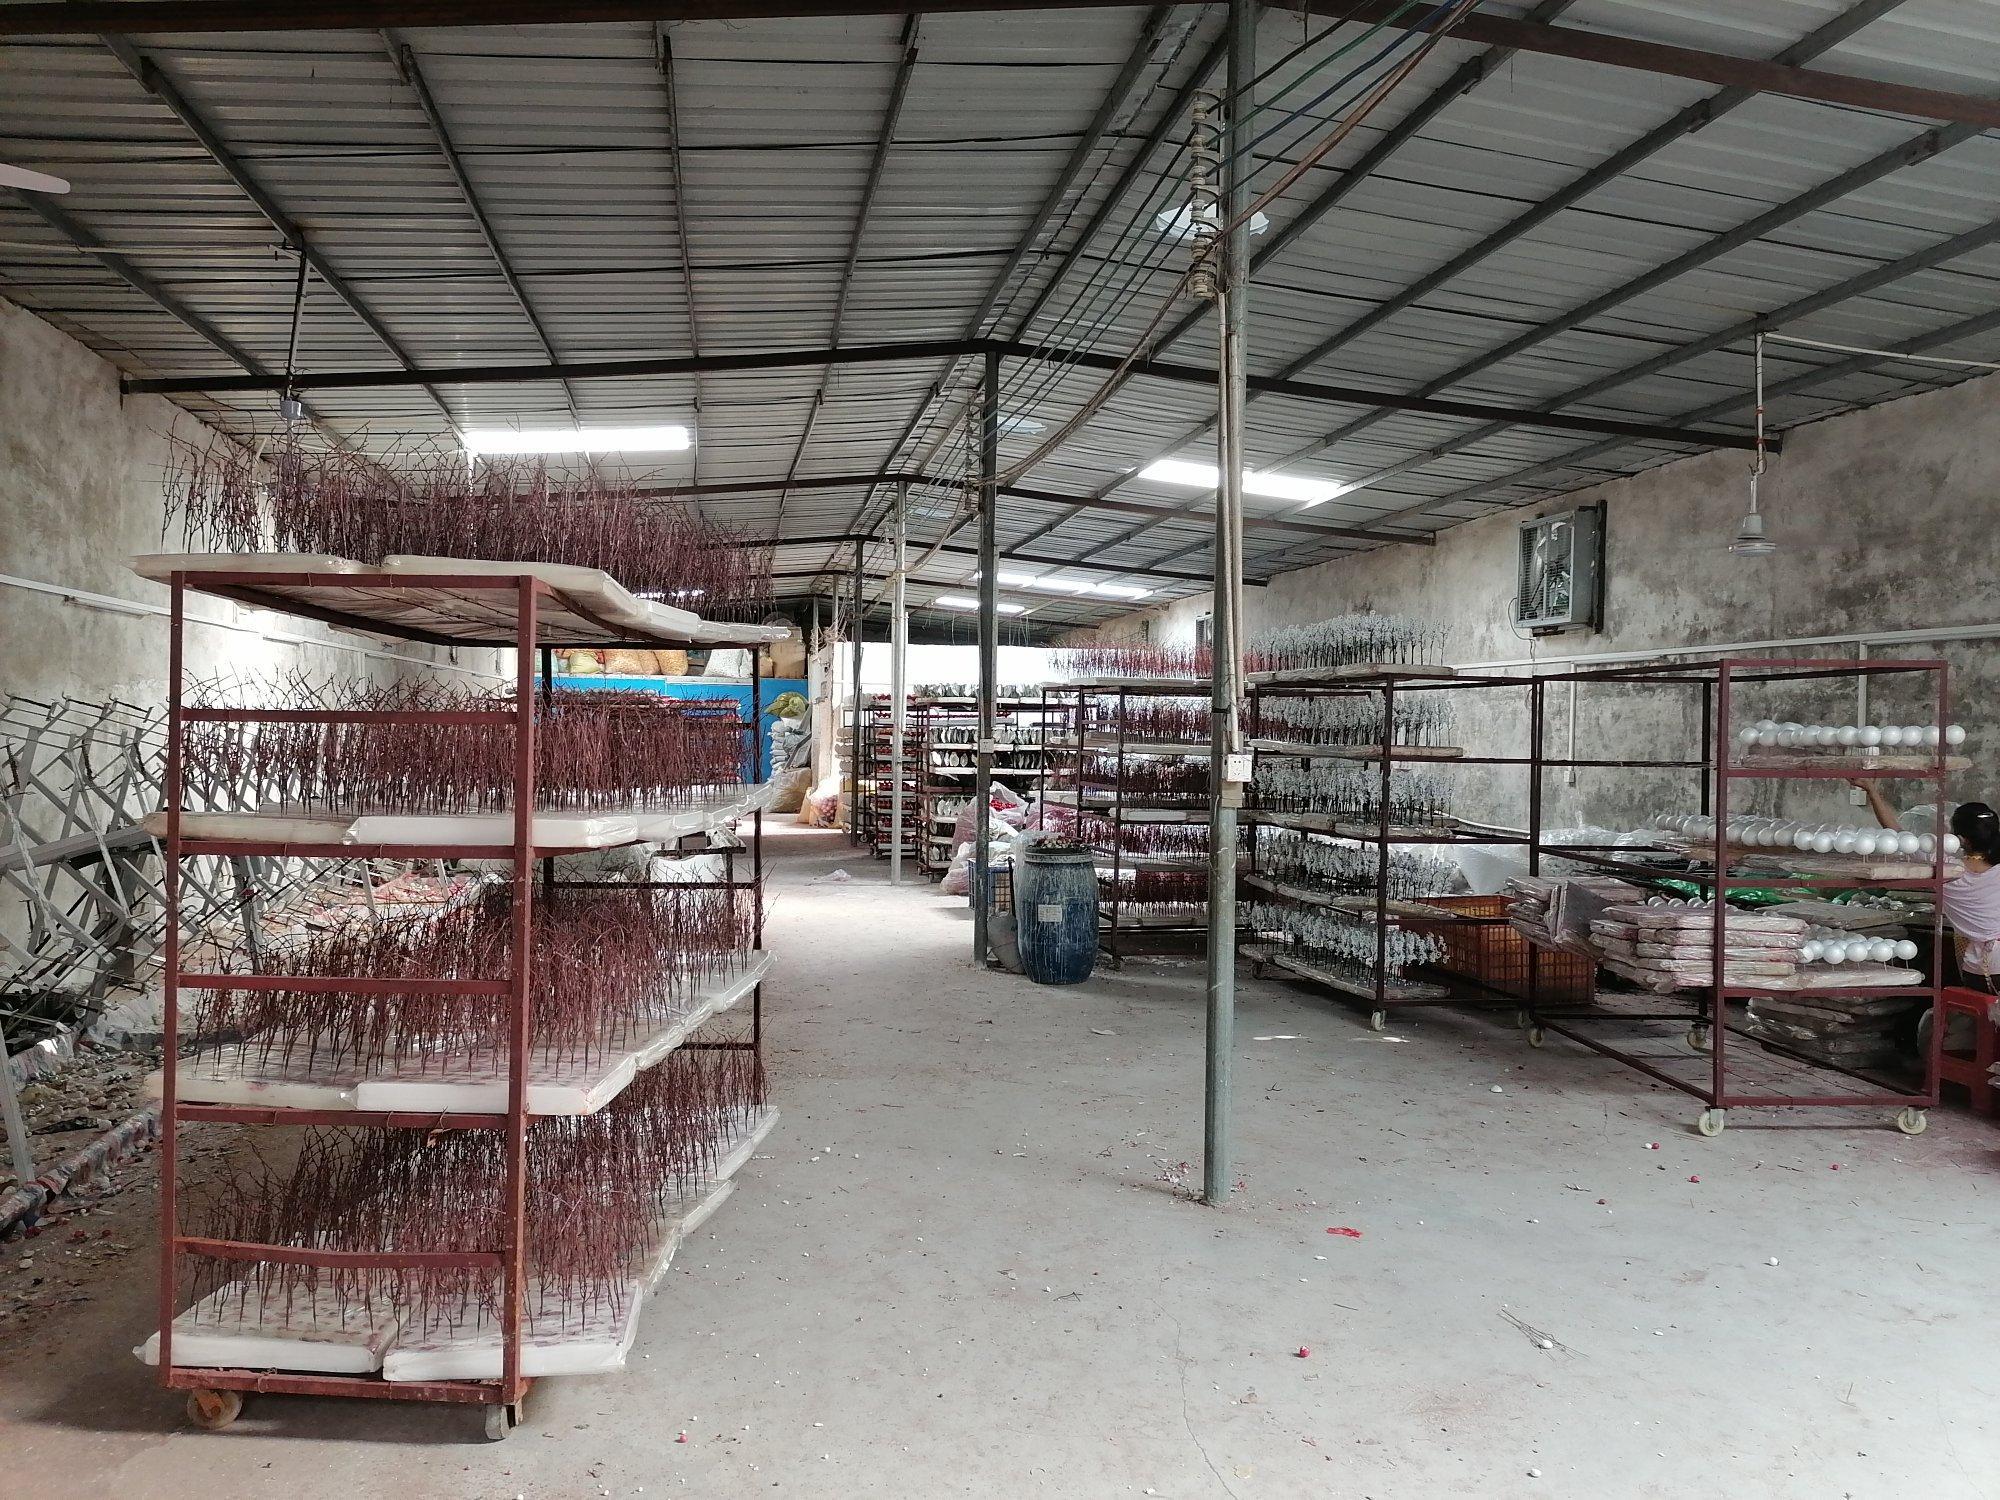 惠东大岭新出1000平钢构,厂房外形好,空地大,可做多种行业